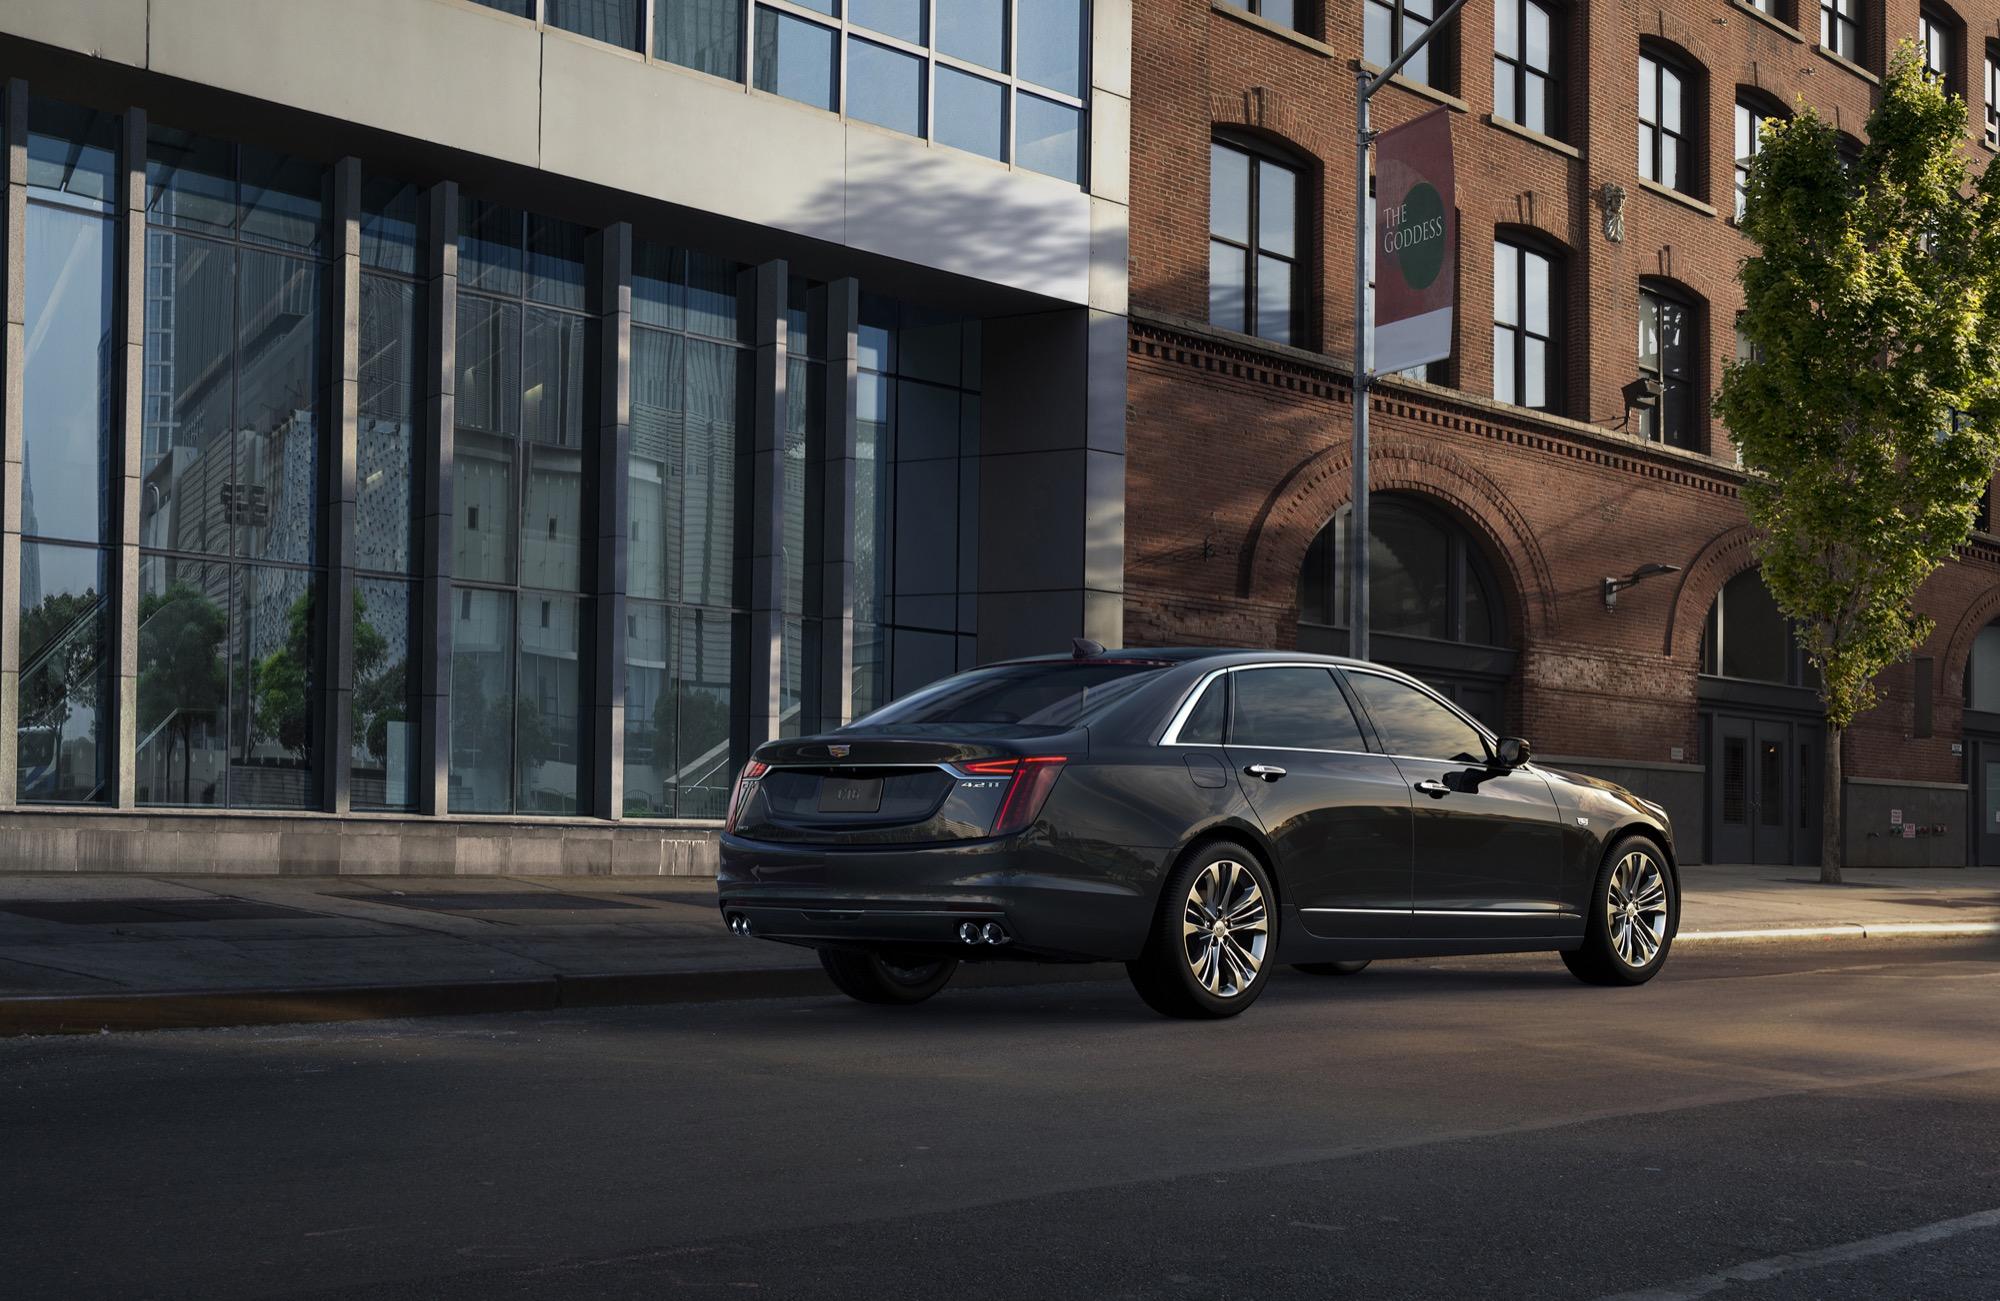 Image Gallery: 2019 Cadillac CT6 In Premium Luxury Trim